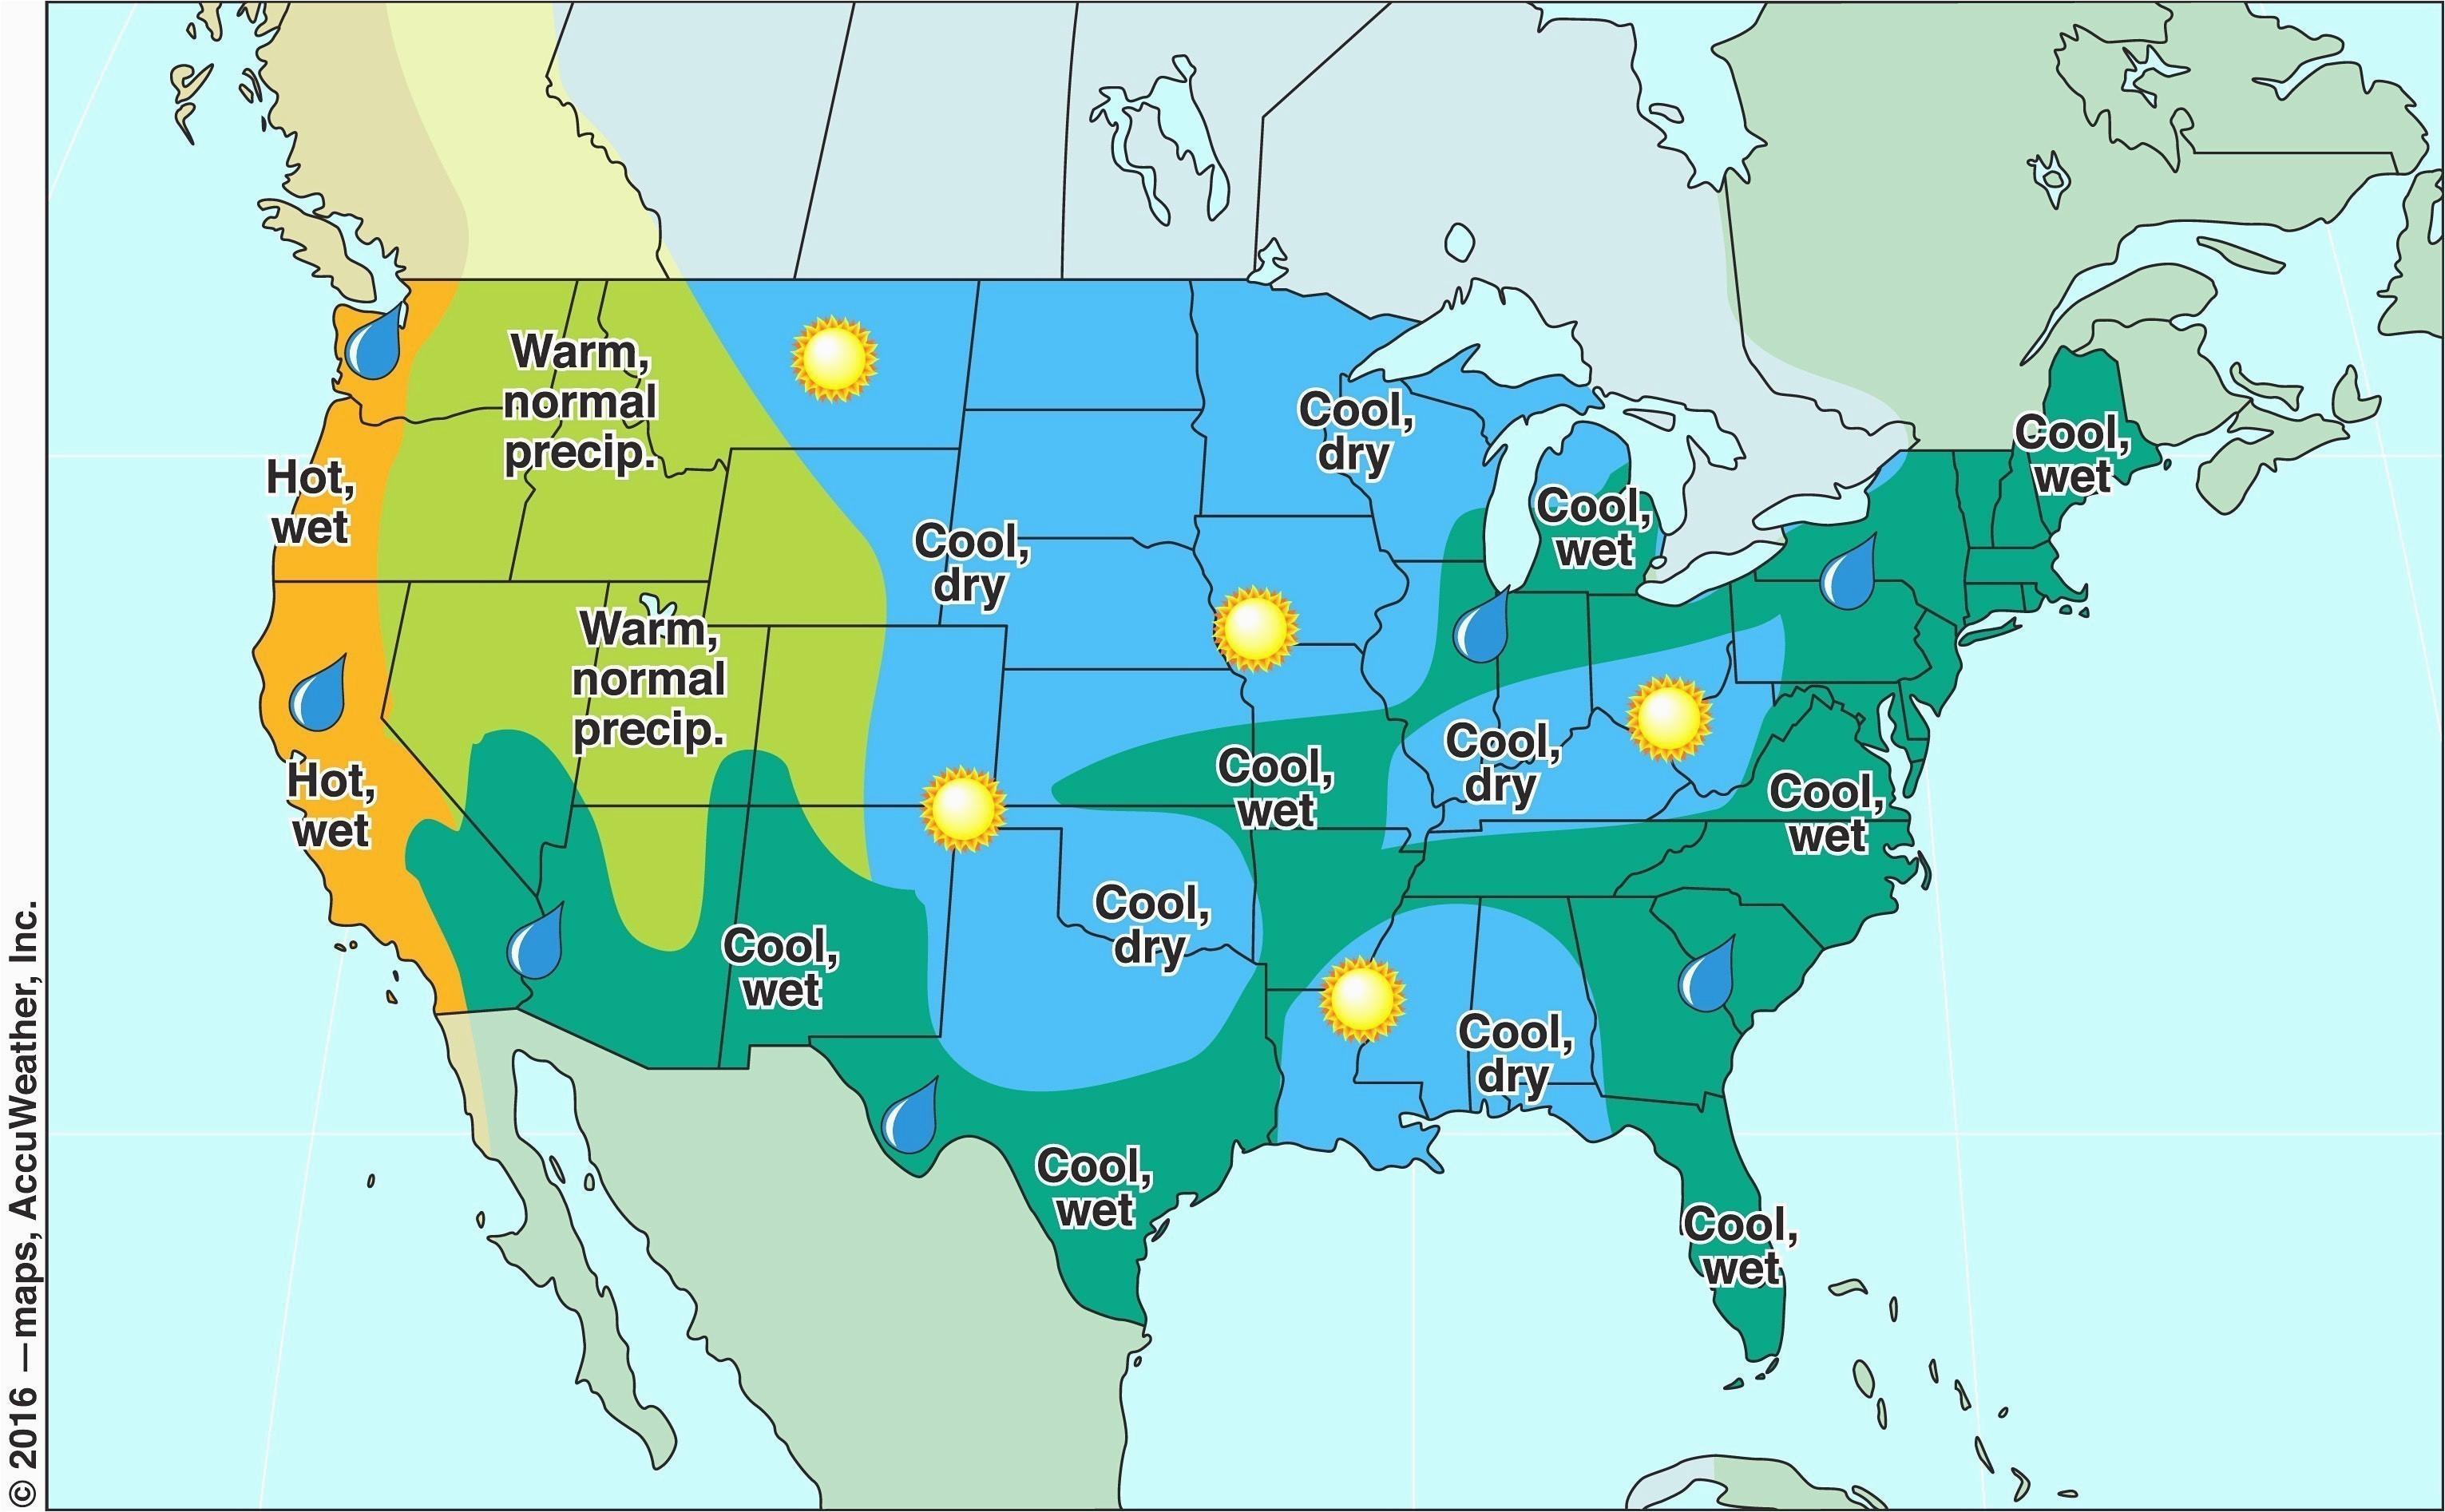 united states map weather forecast fresh united states weather map